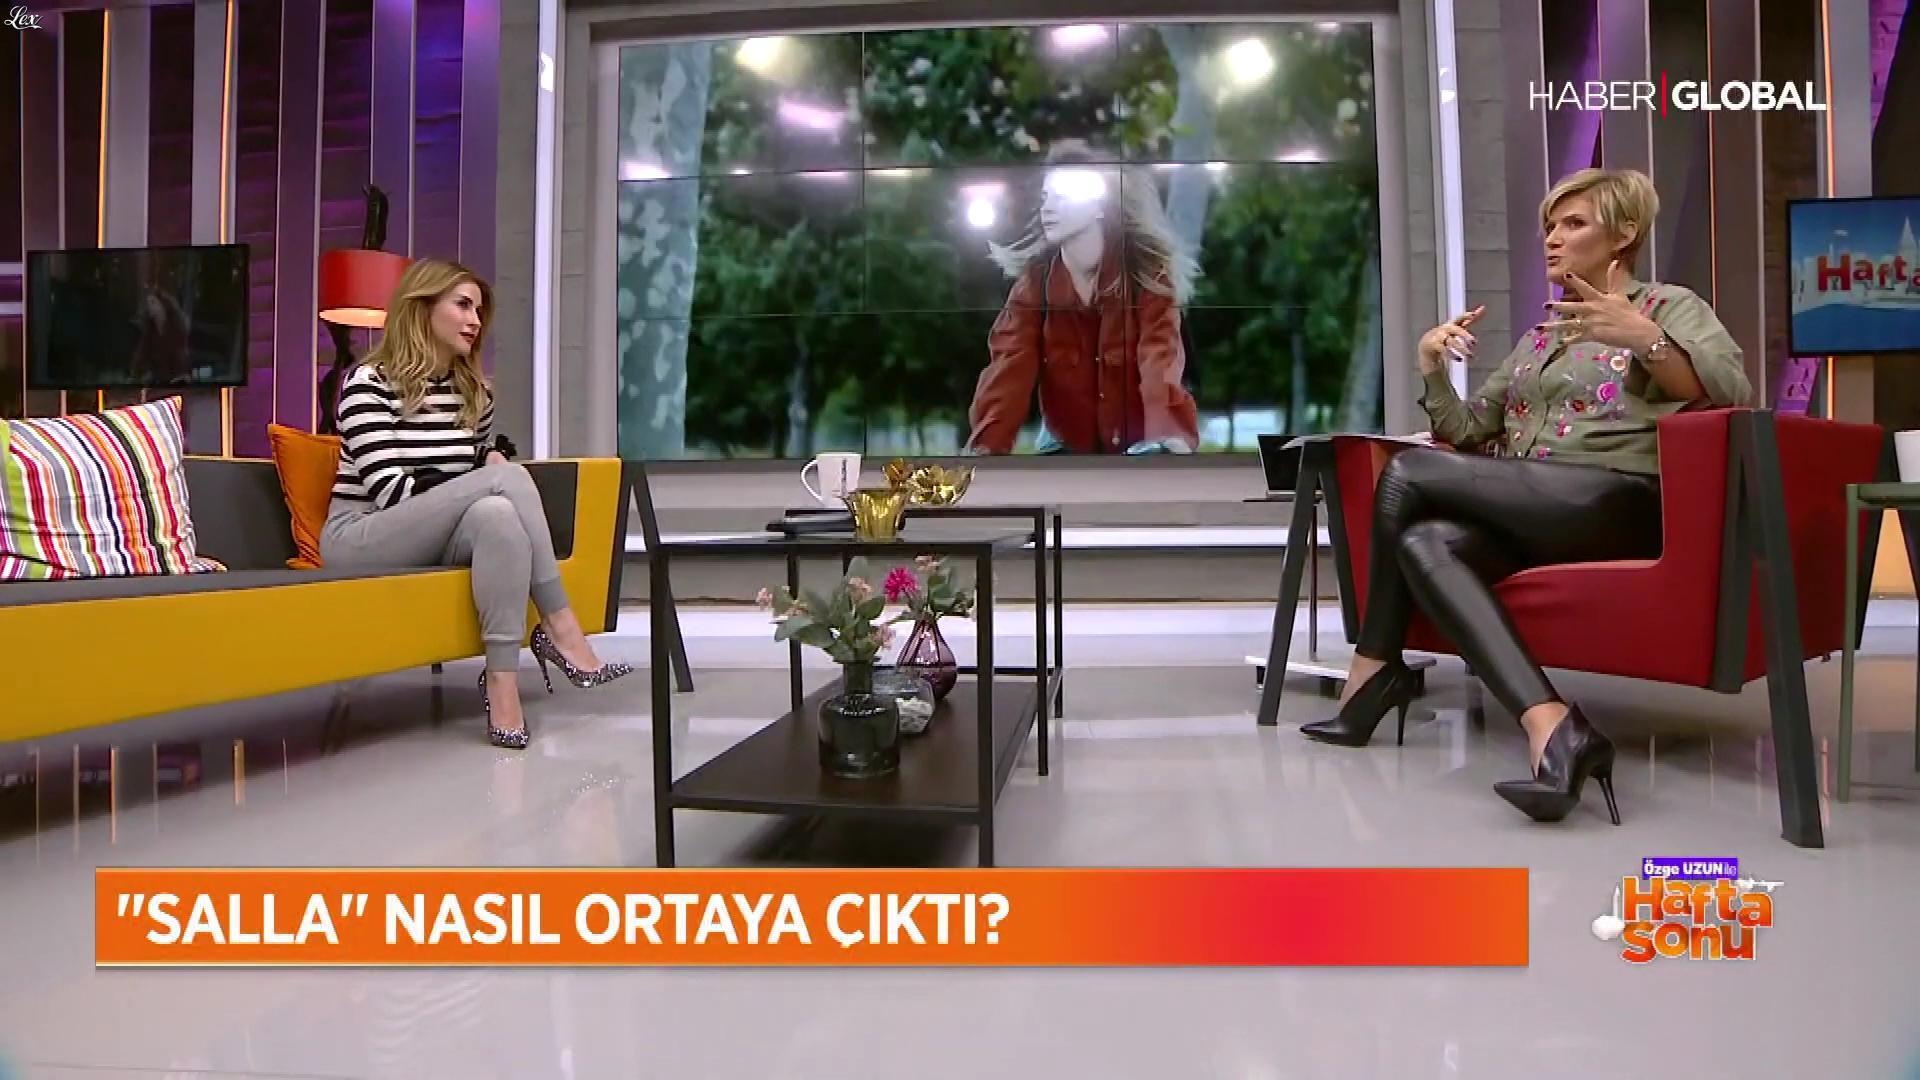 Ozge Uzun dans Ozge Uzun Ile Hafta Sonu. Diffusé à la télévision le 18/11/18.